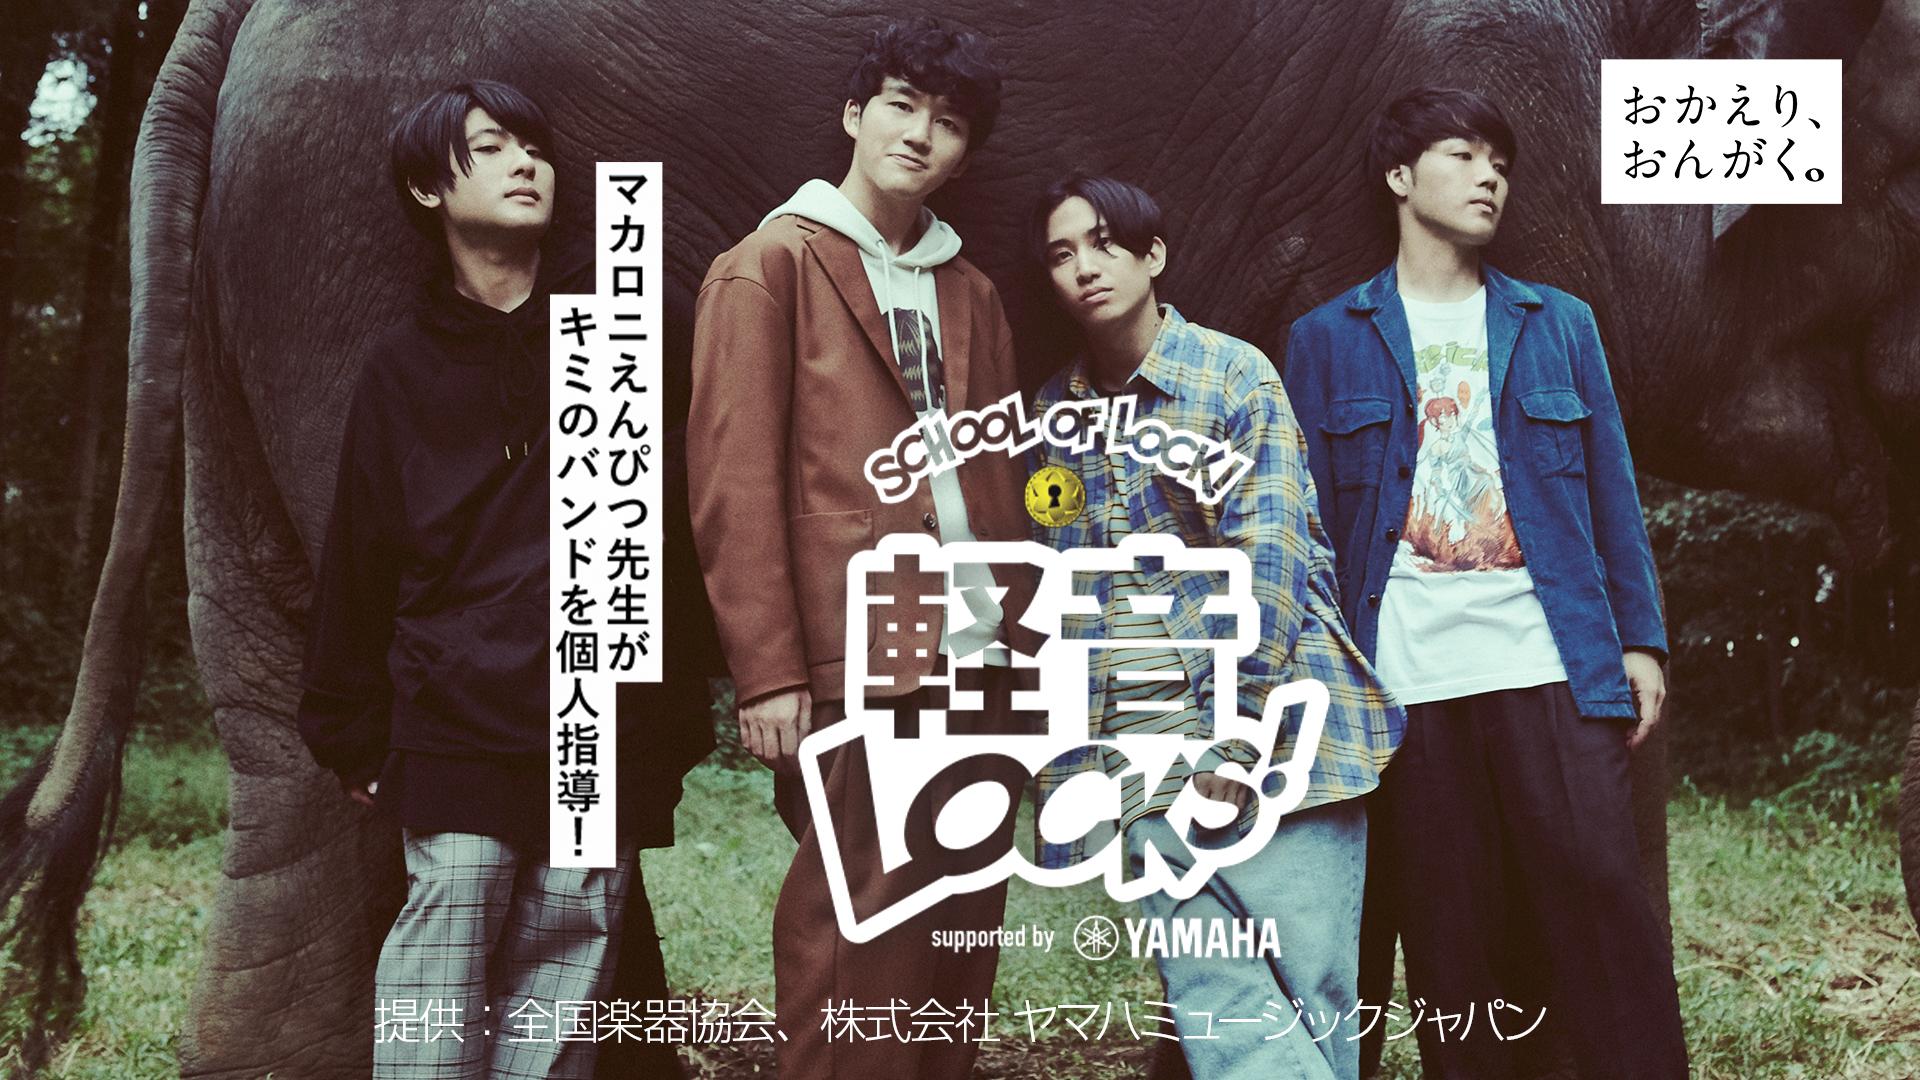 """スクール・オブ・ロック""""軽音LOKS"""""""